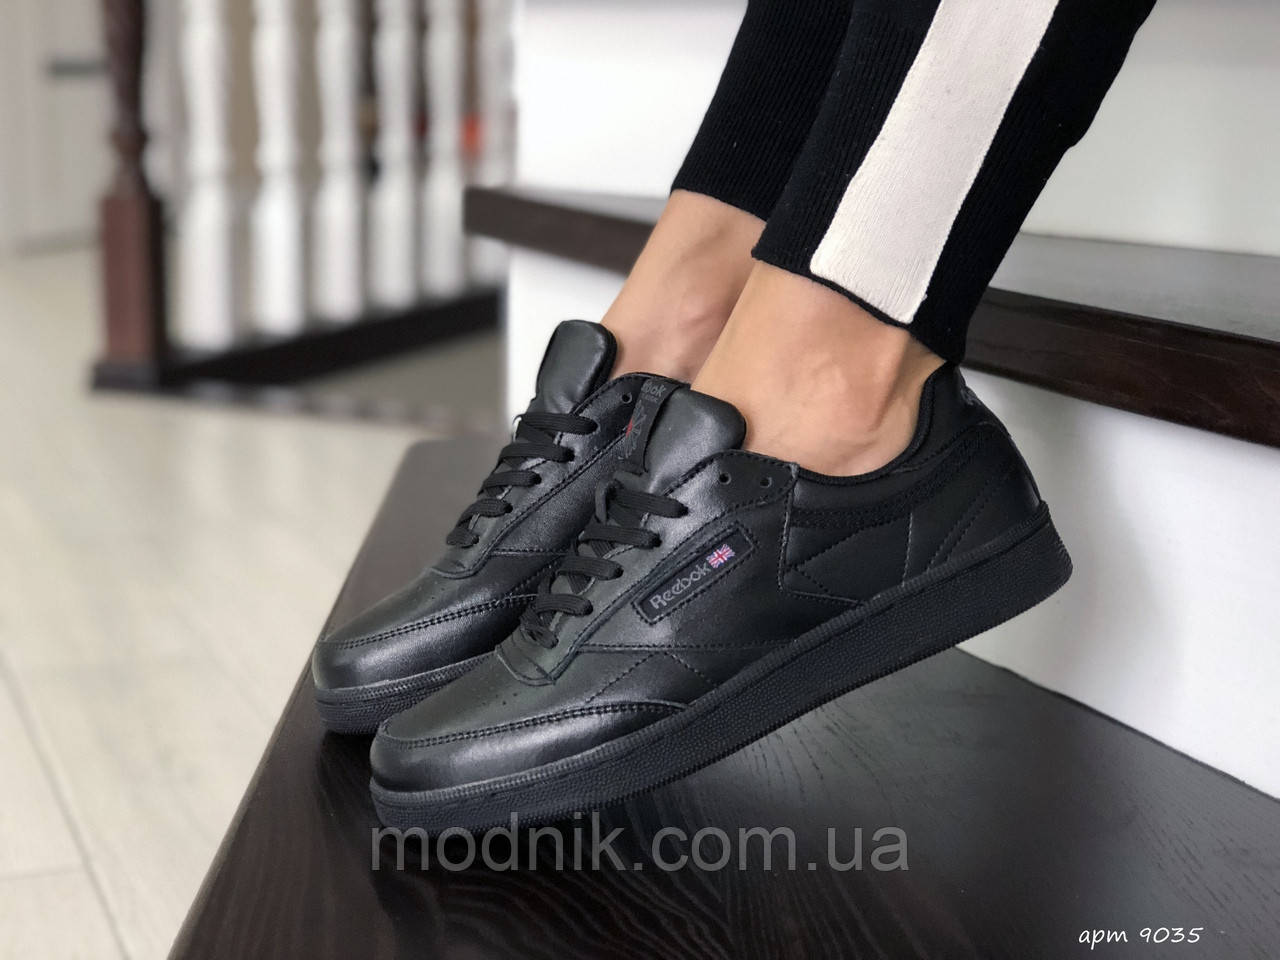 Женские кроссовки Reebok (черные) 9035